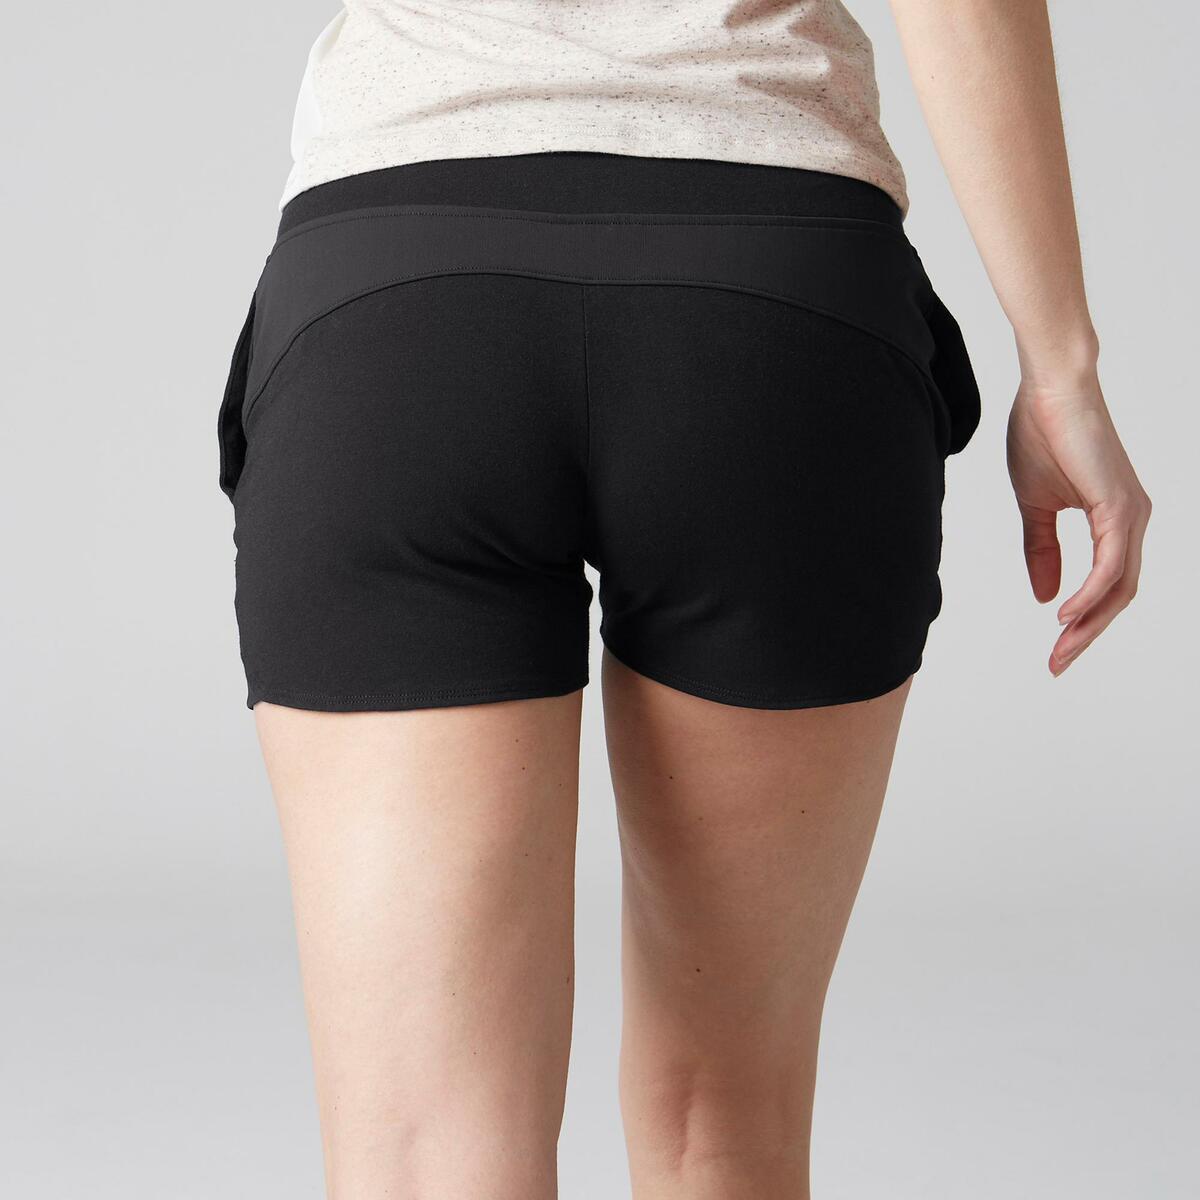 Bild 3 von Sporthose kurz 520 Gym Stretching Damen schwarz